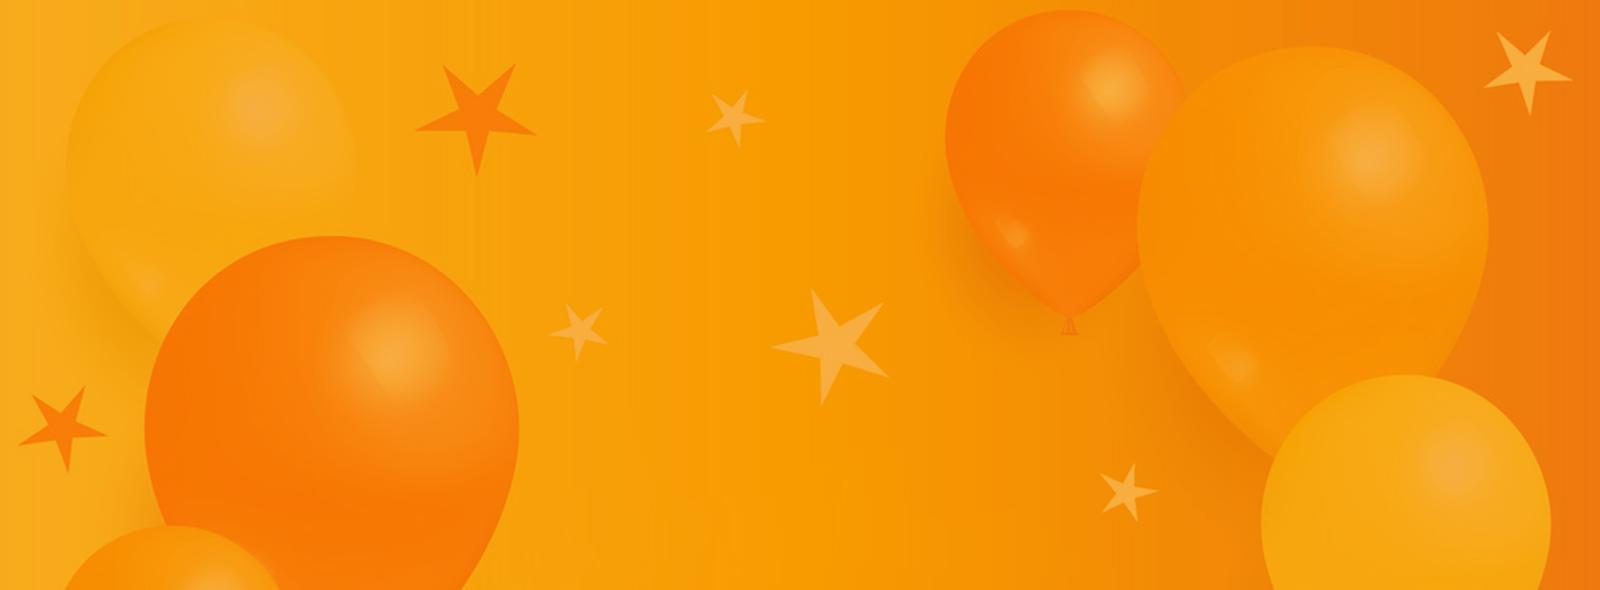 slider bg orange